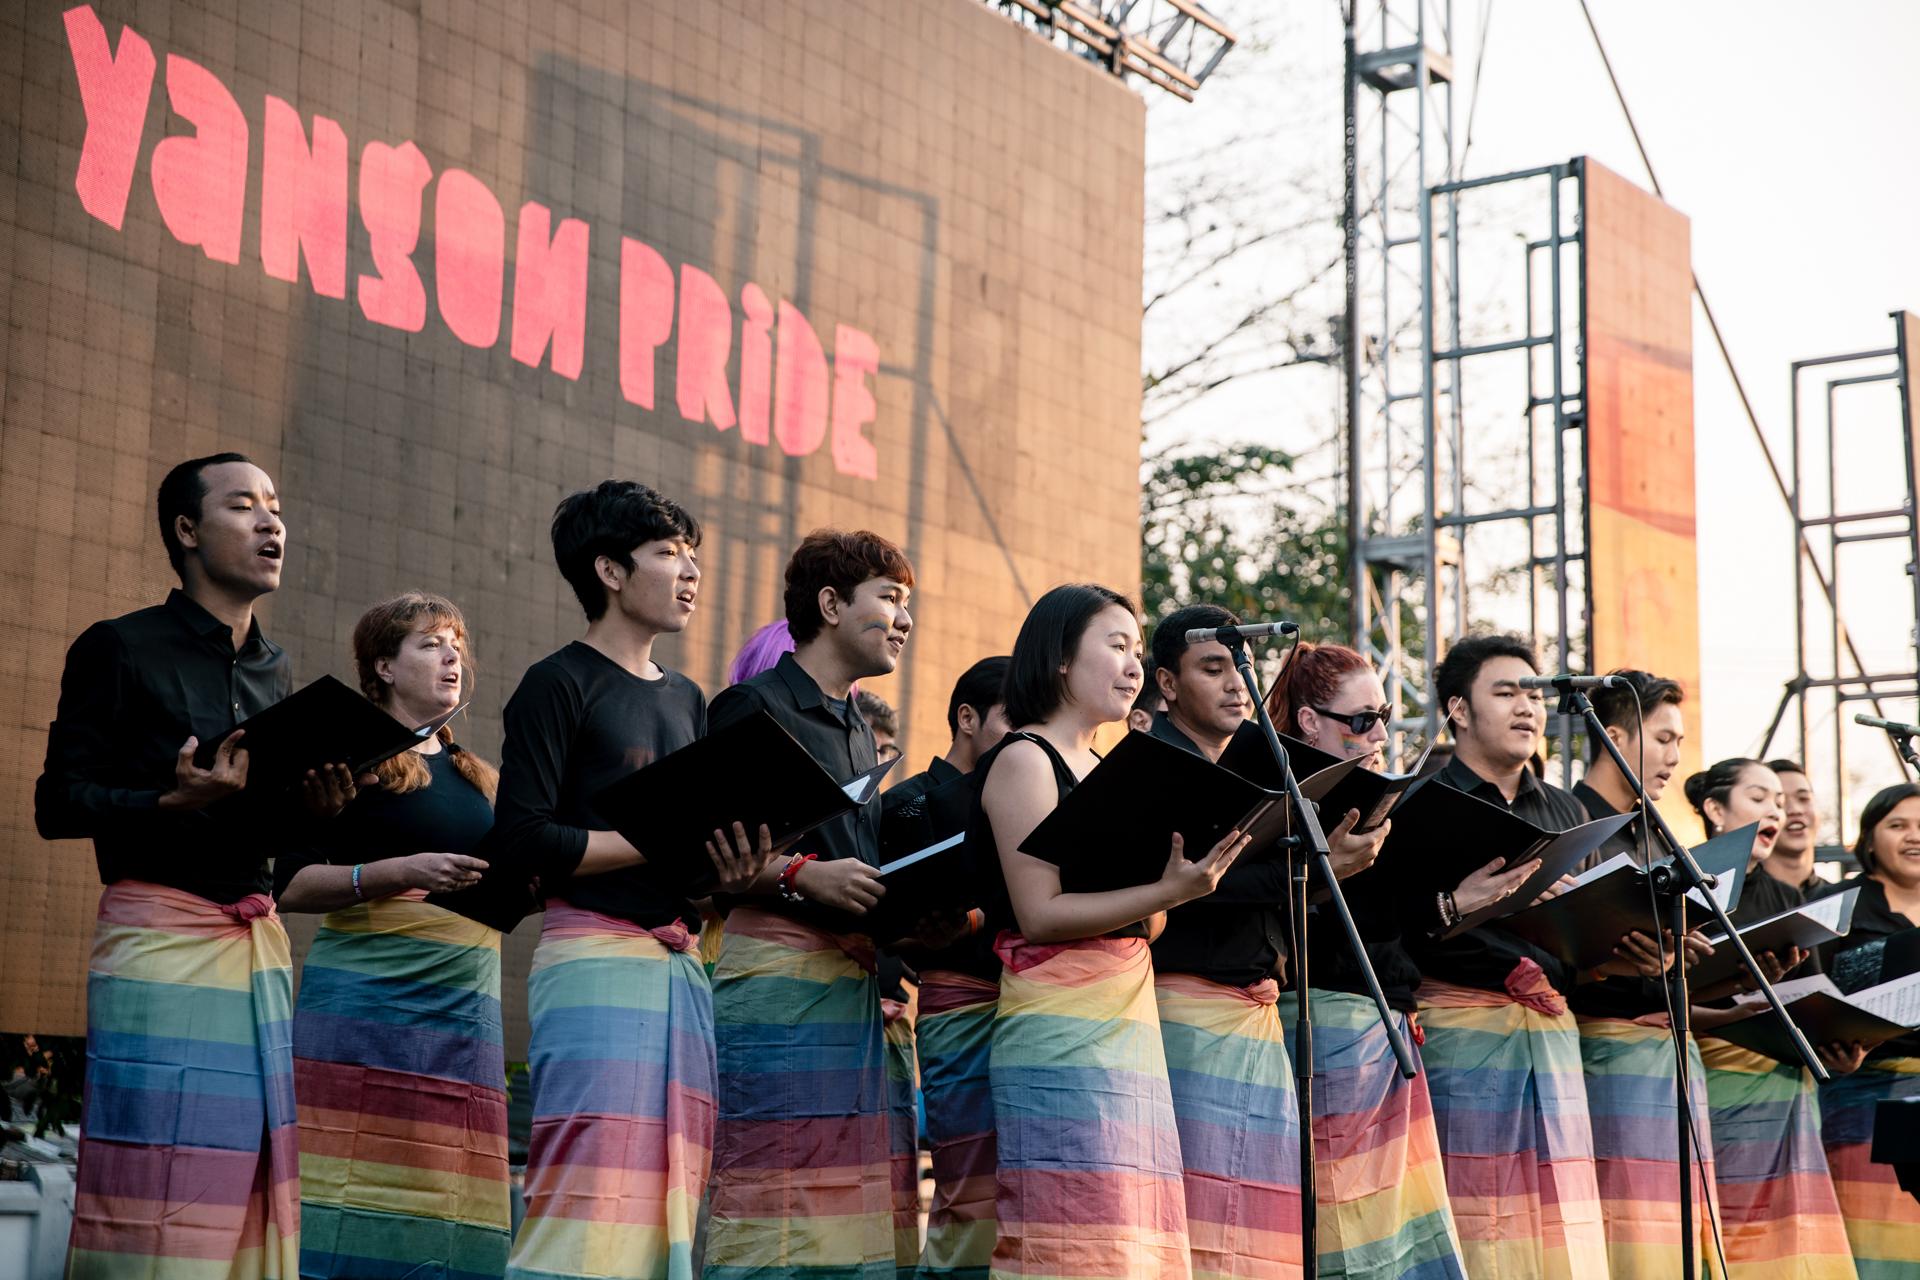 Yangon Pride 2019, Myanmar (2019)